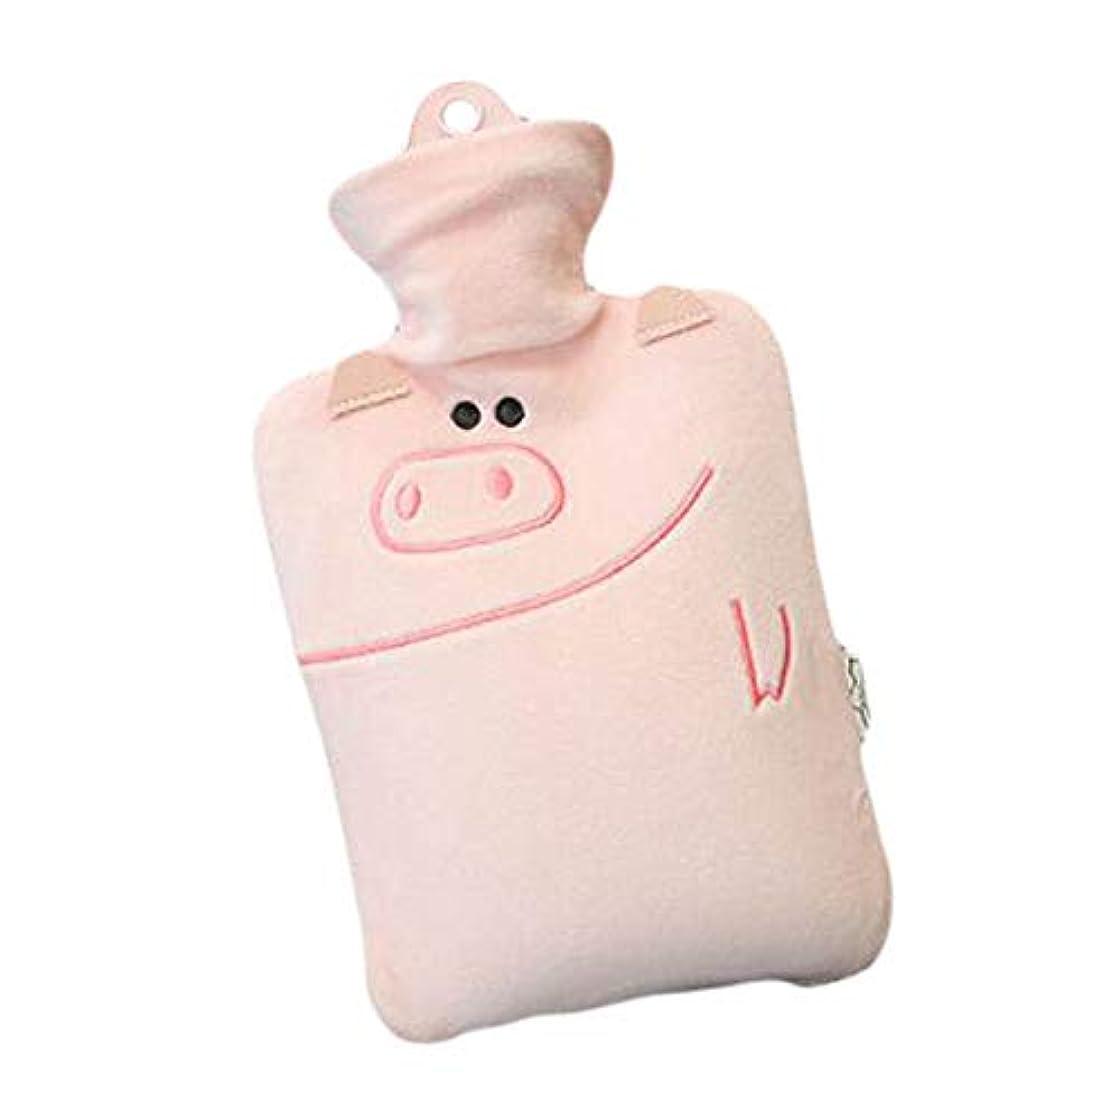 留め金サーバント漂流愛らしいピンクの豚のパターン400 MLホットウォーターボトル